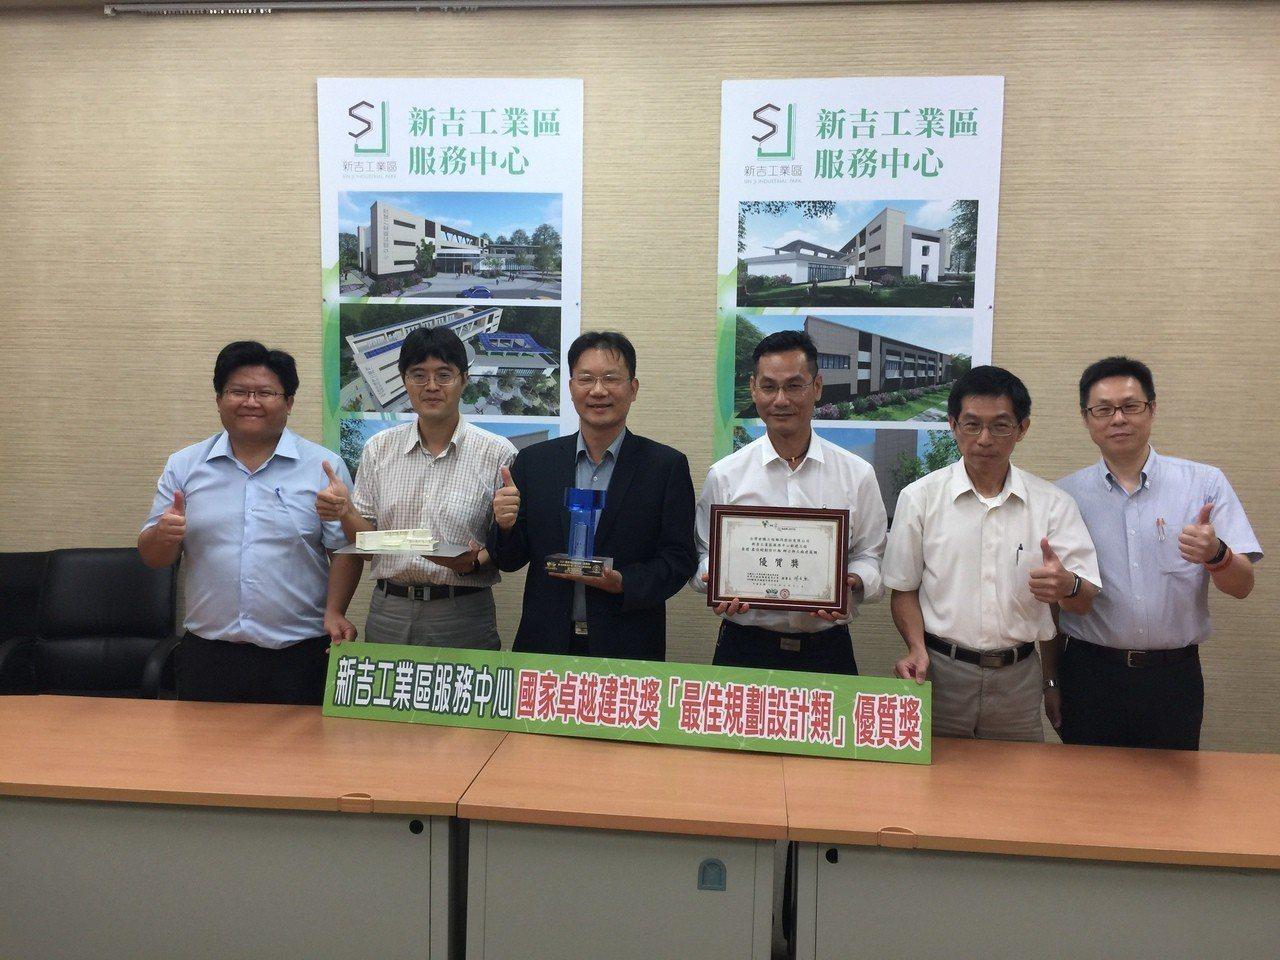 台南市新吉工業區服務中心獲國家卓越建設獎。記者吳政修/攝影